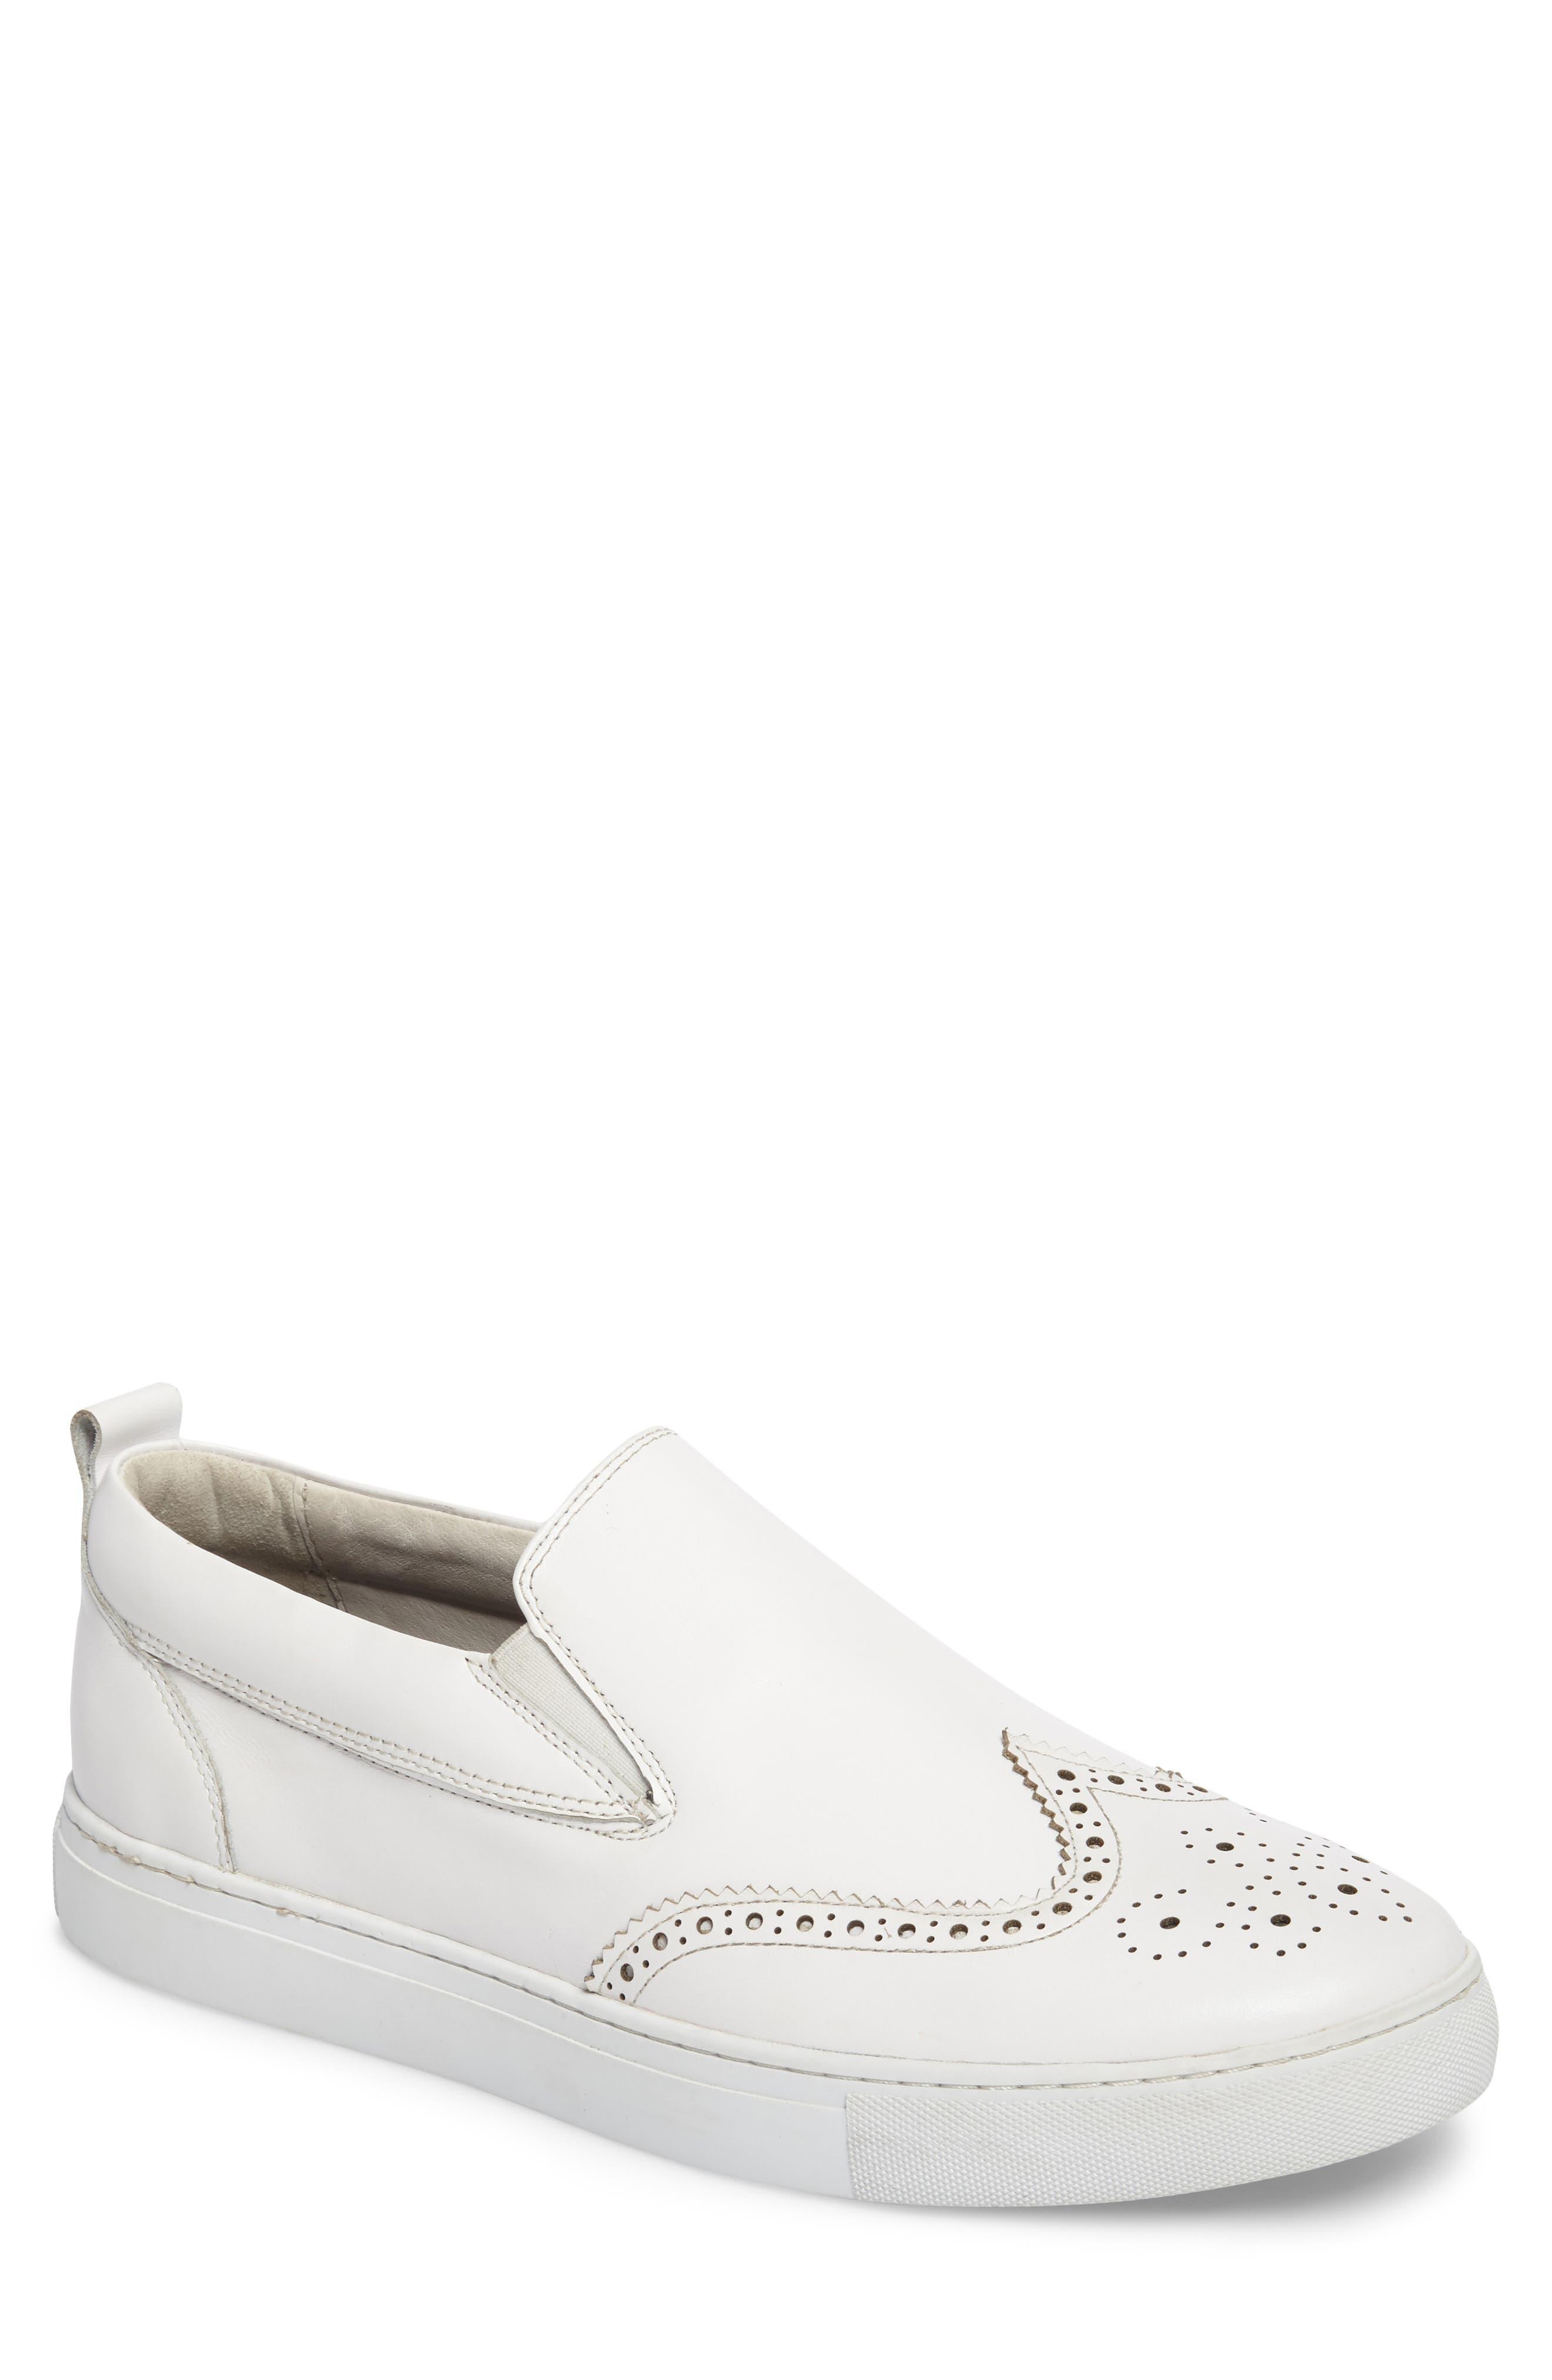 Alternate Image 1 Selected - Zanzara Ali Wingtip Slip-On Sneaker (Men)